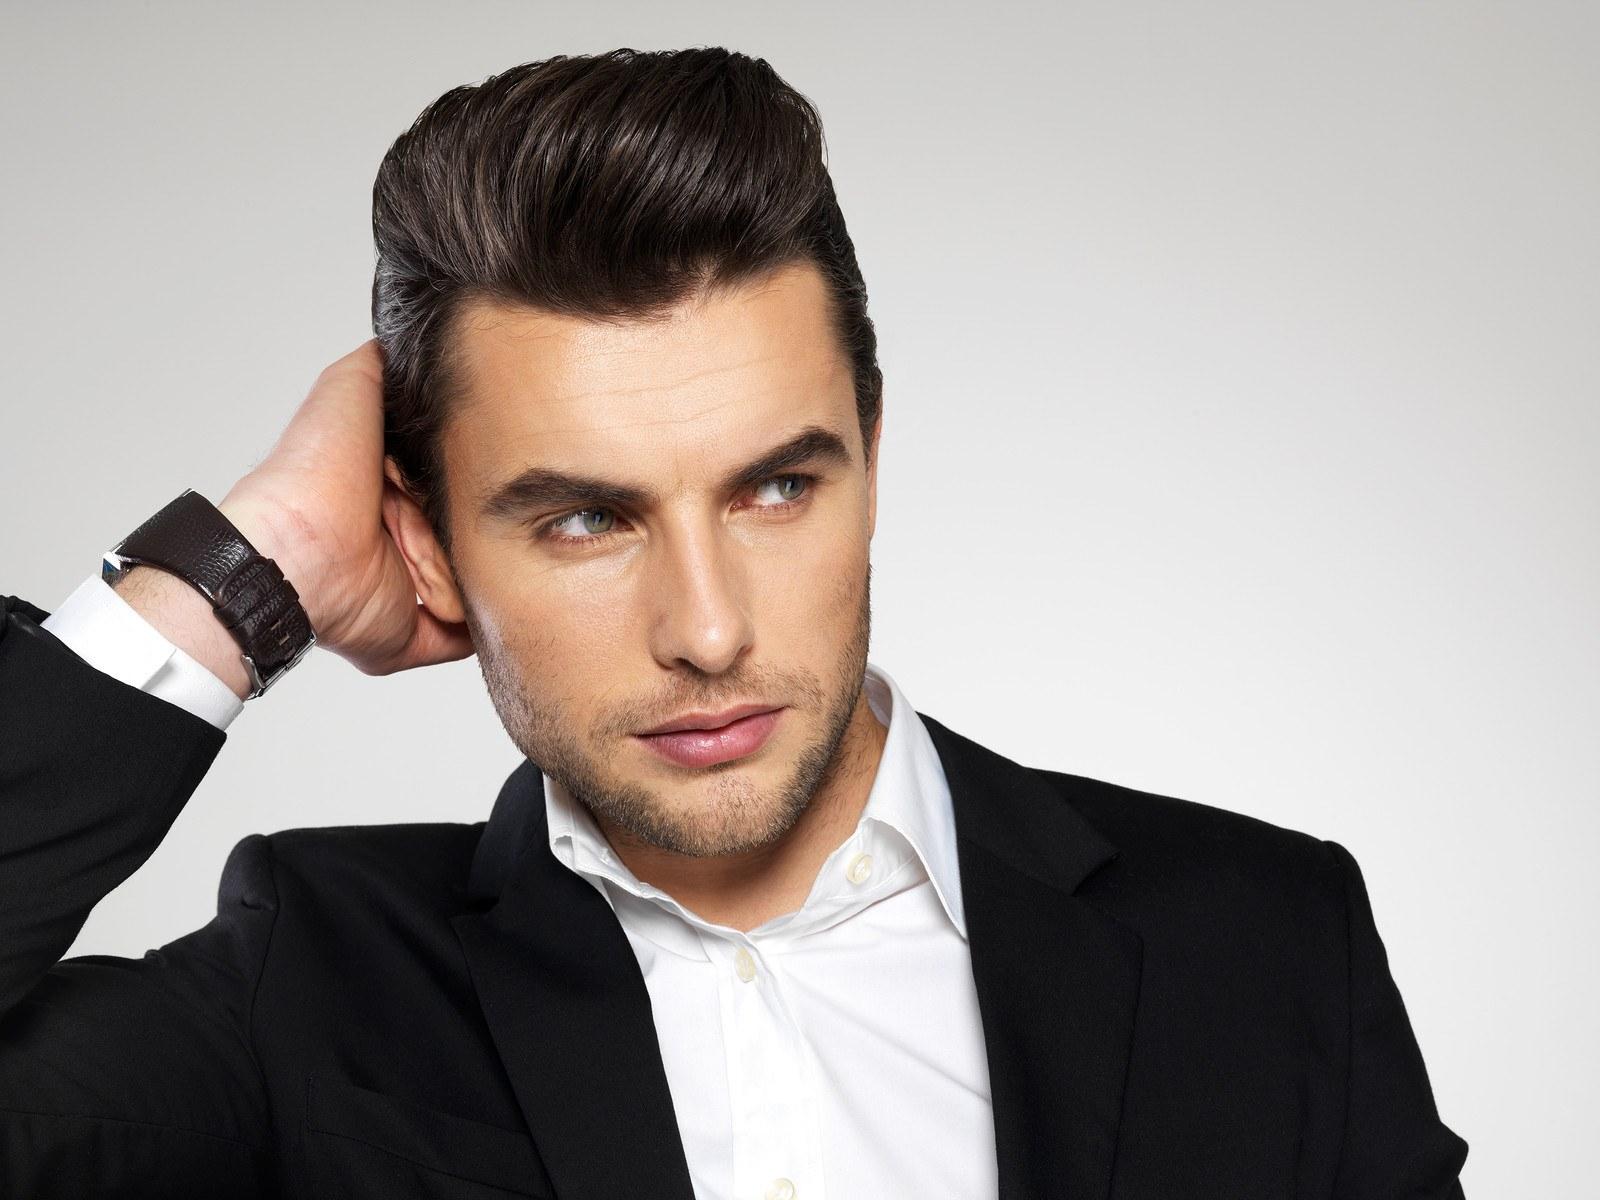 стиль парикмахерская картинки мужчине прическа